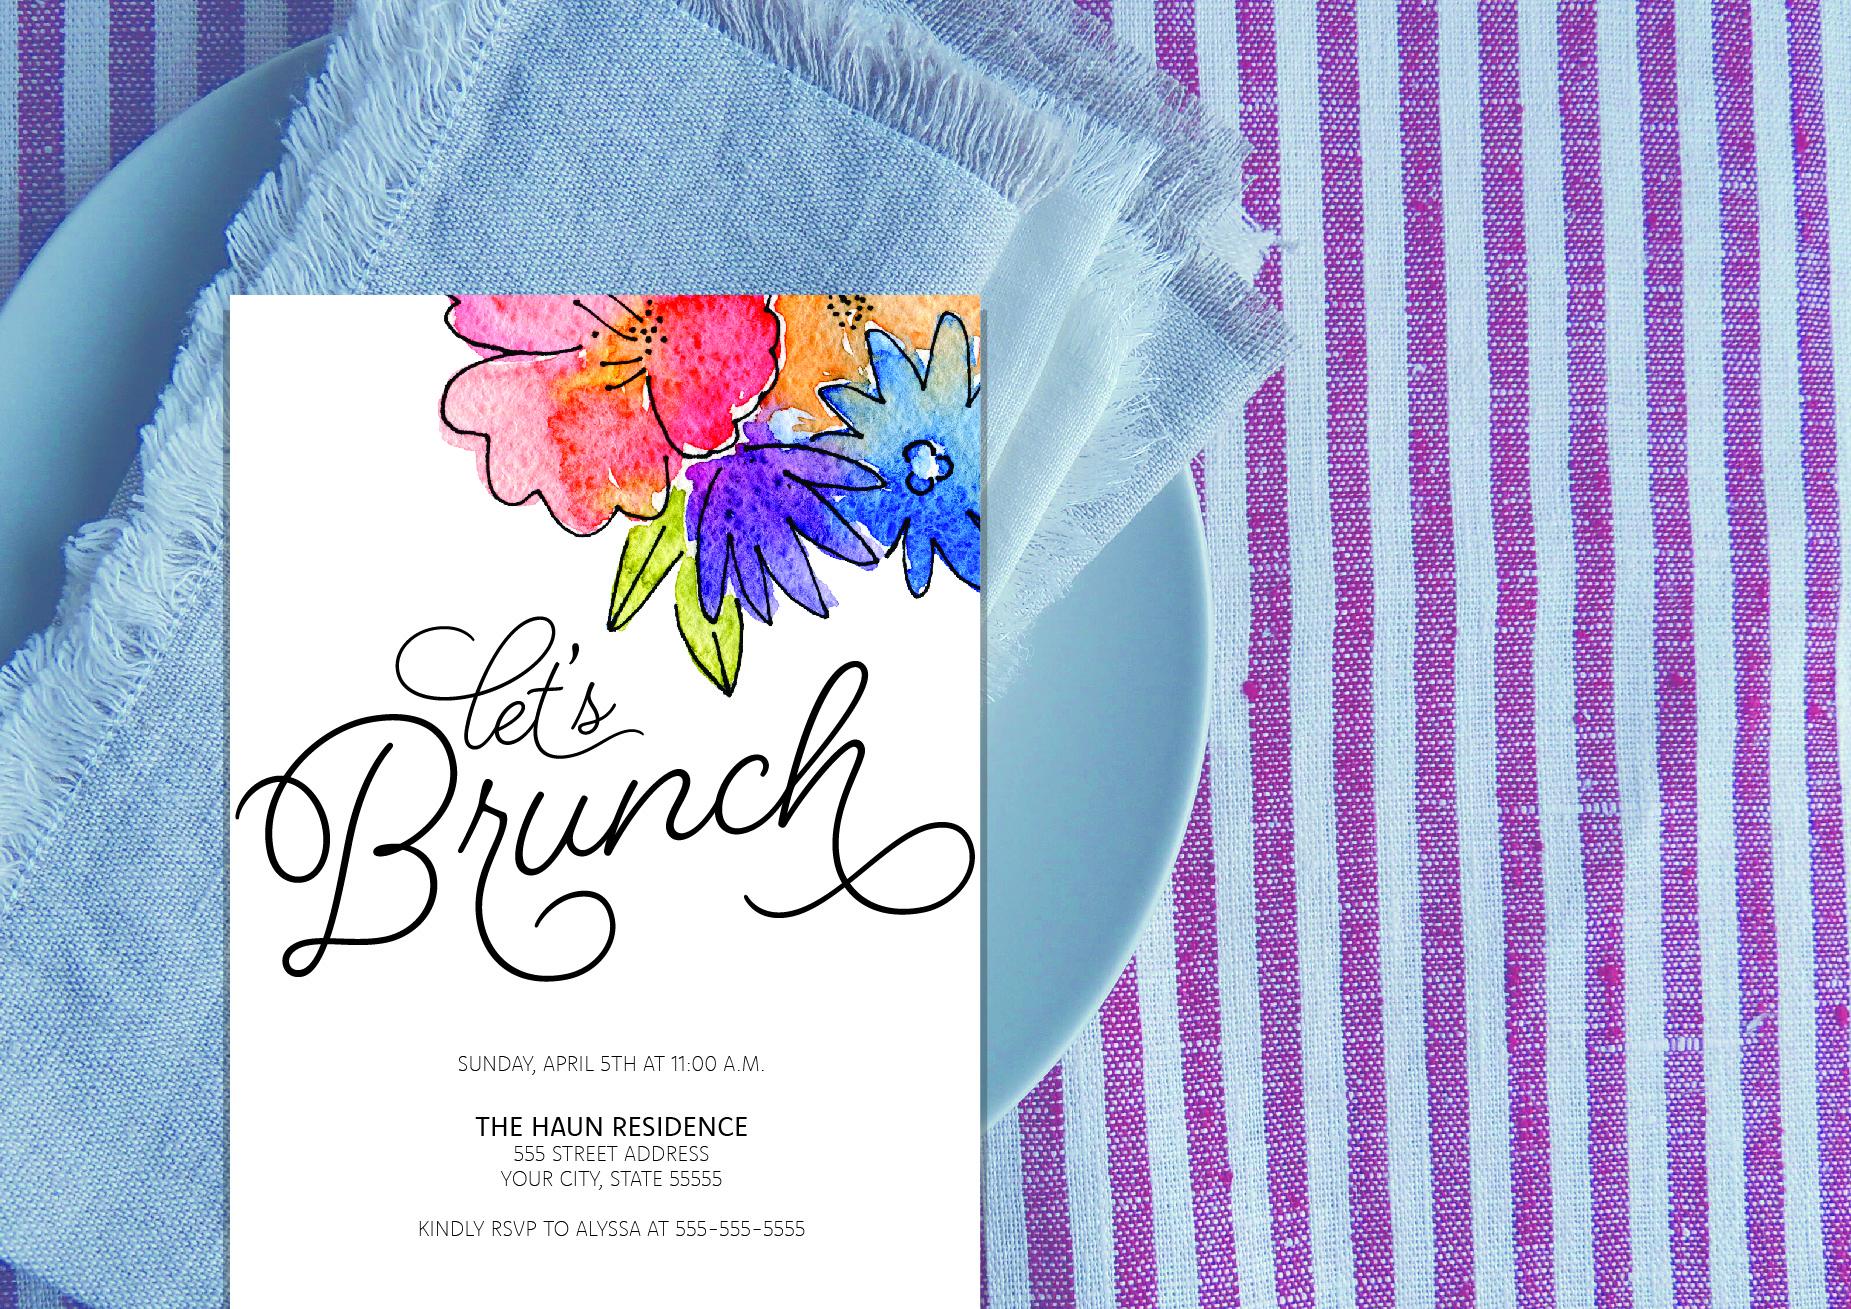 brunch-invite-02.jpg